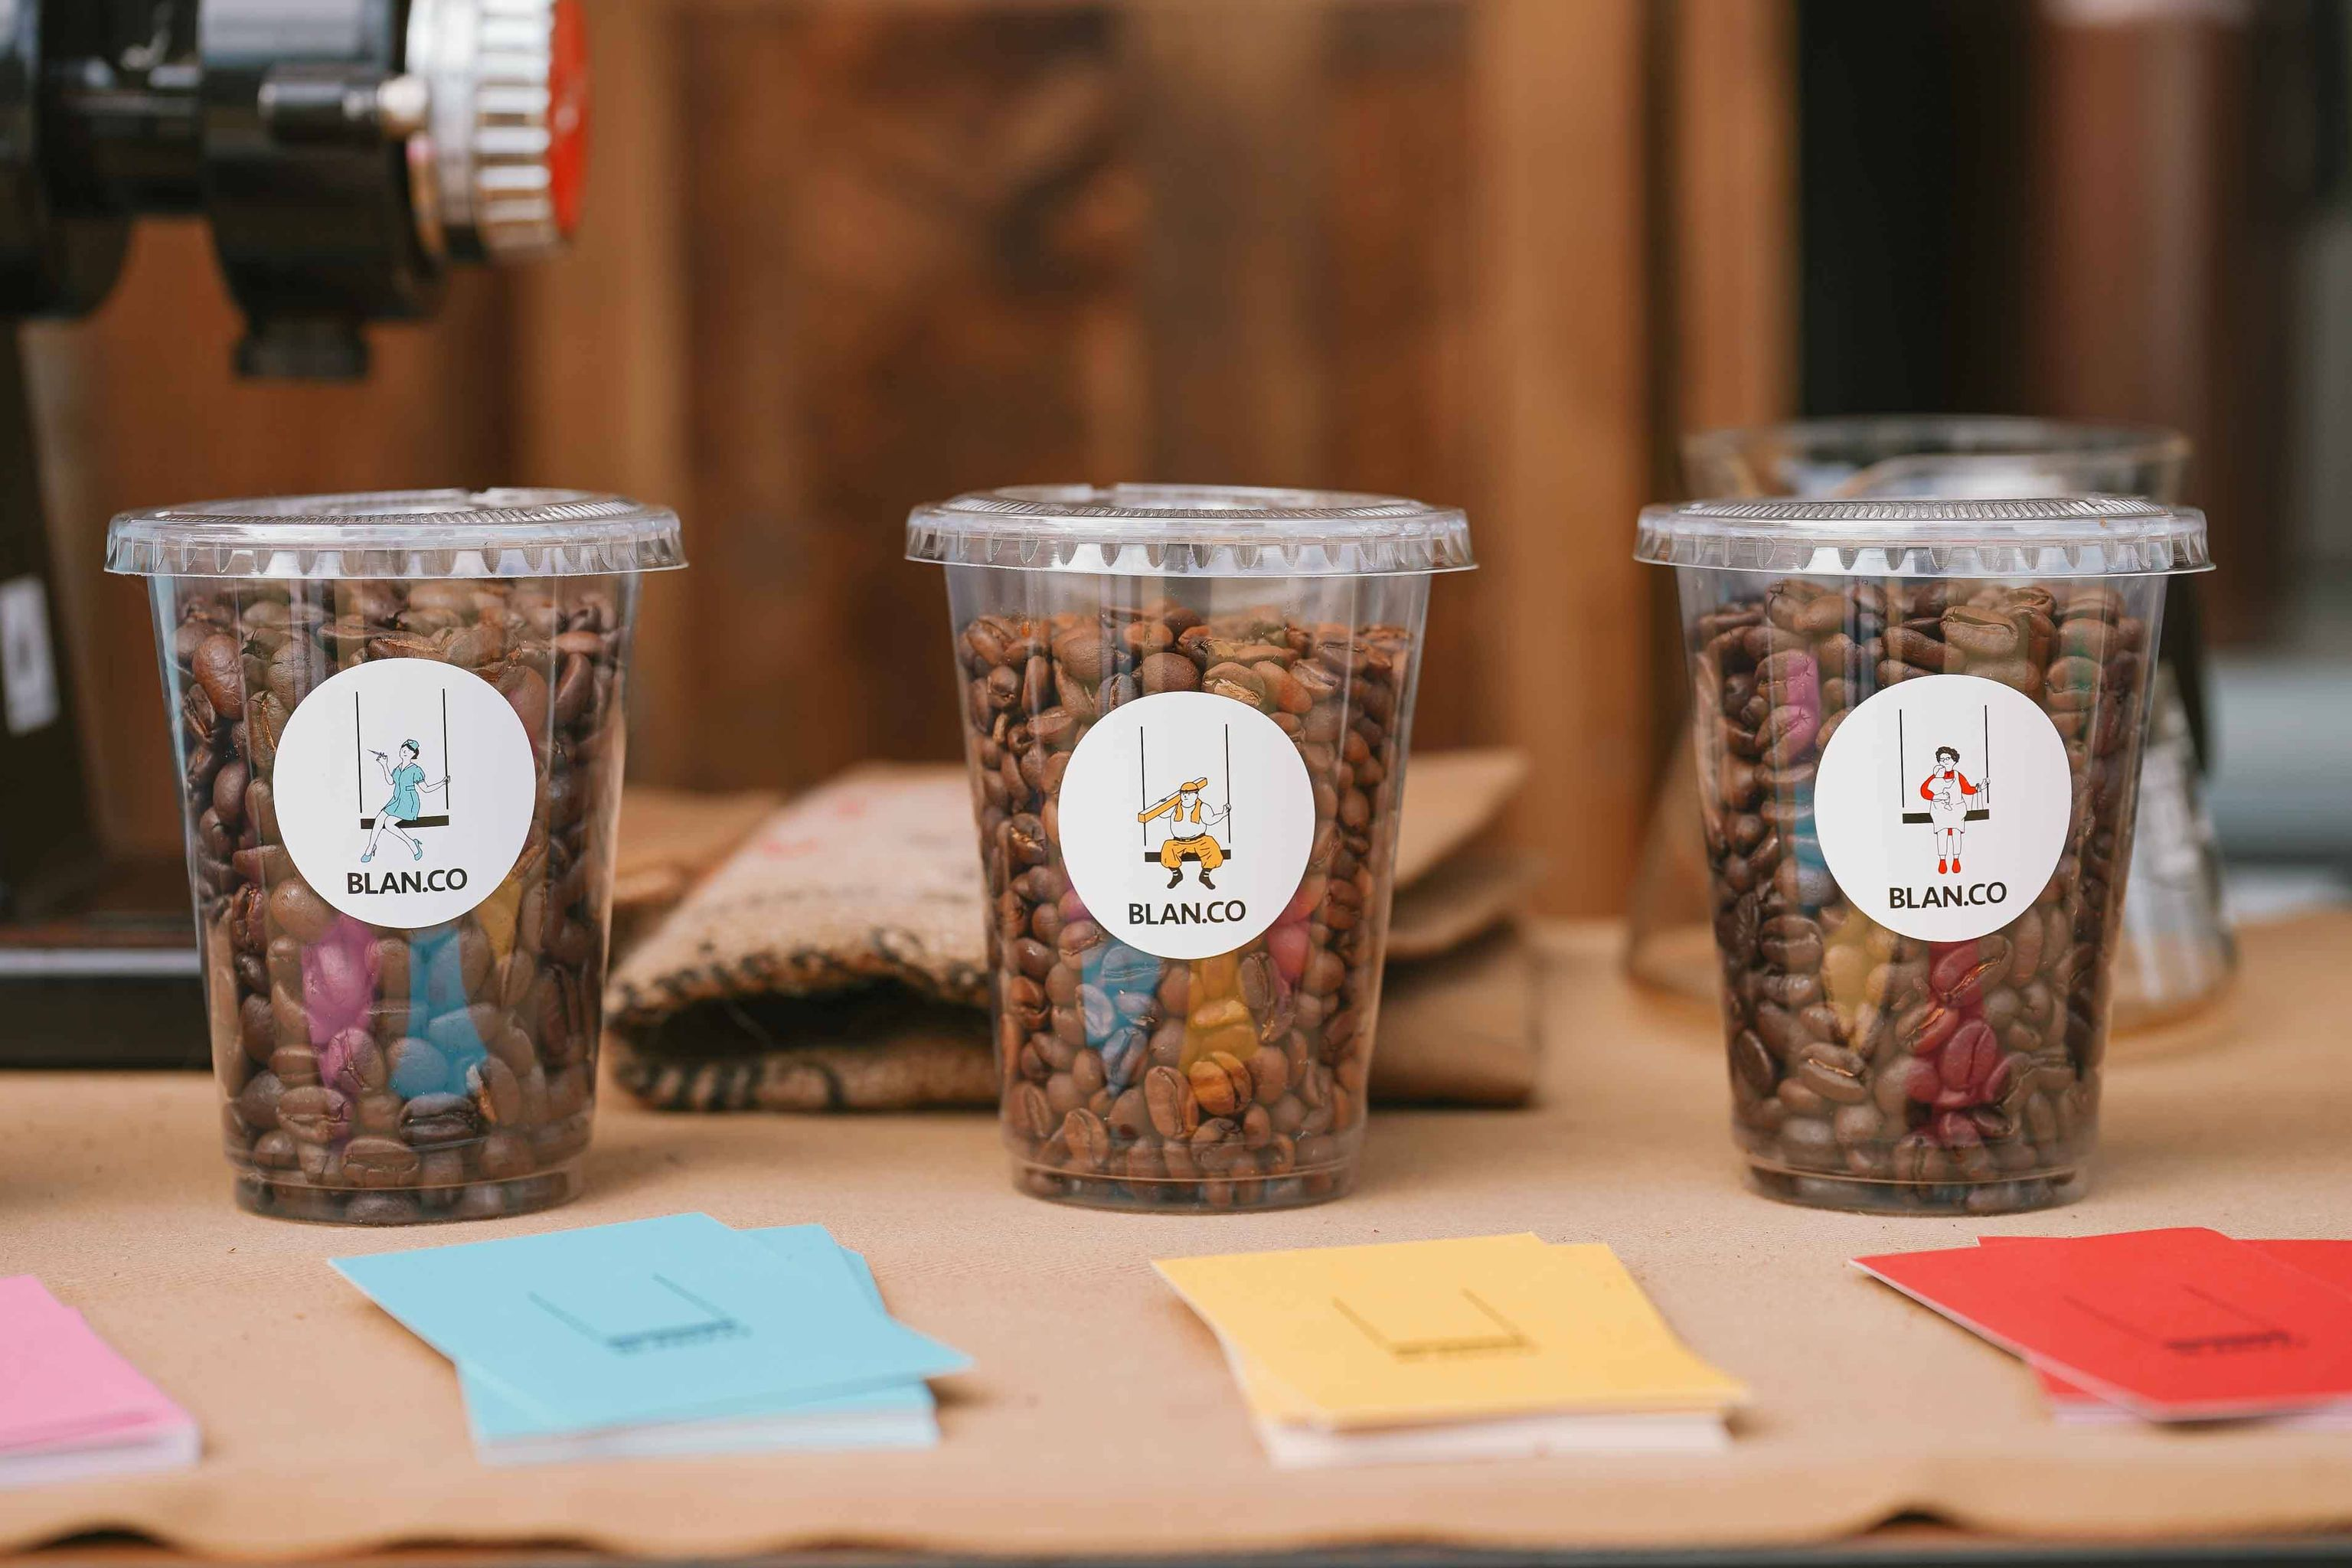 4月24日(土)、BLAN.COコーヒーが飲めちゃうイベント開催!(名古屋市)